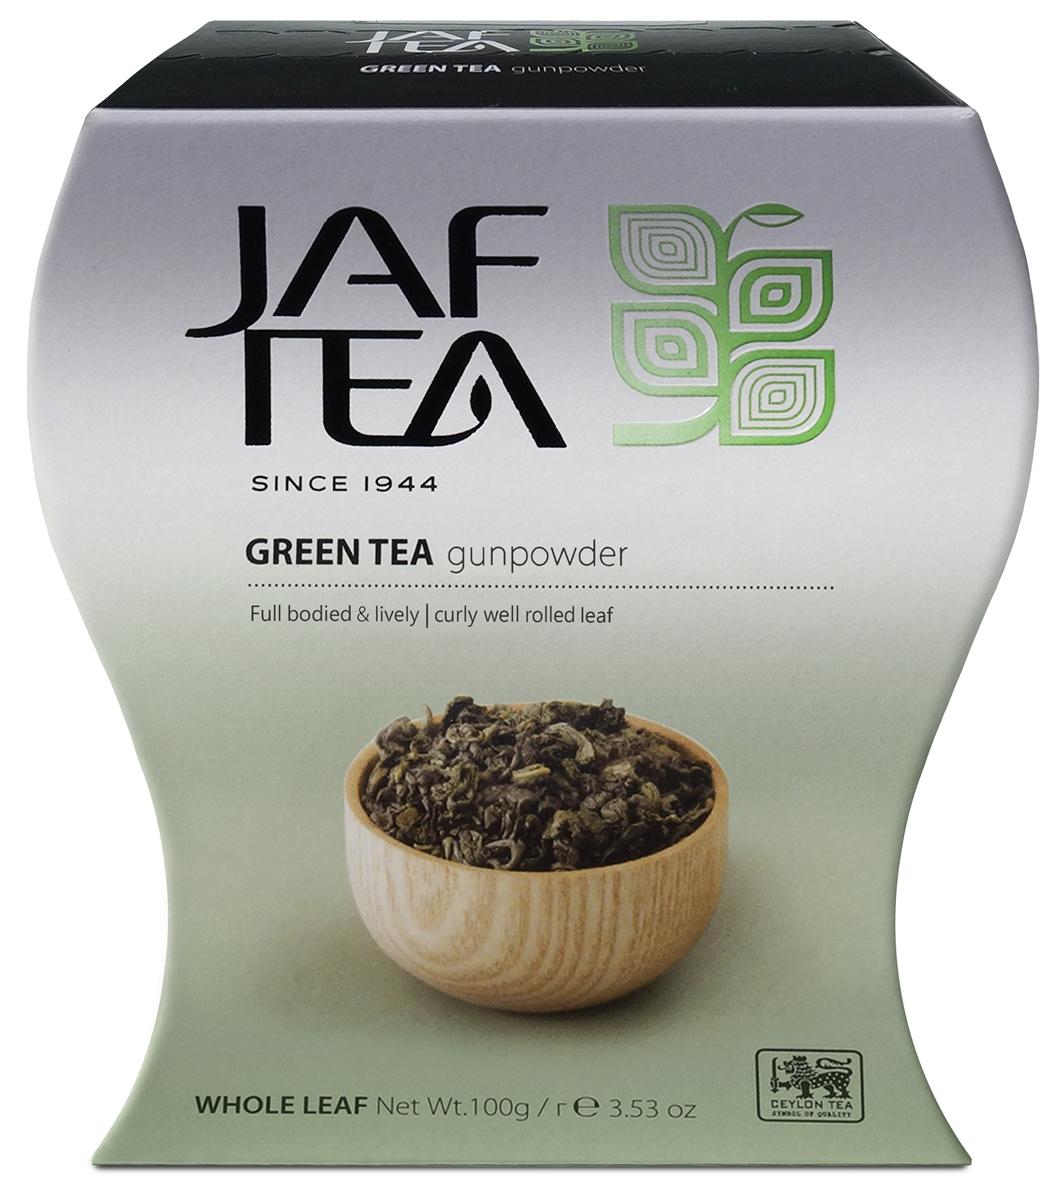 Jaf Tea GunPowder чай зеленый листовой, 100 г jaf tea gunpowder чай зеленый листовой 100 г